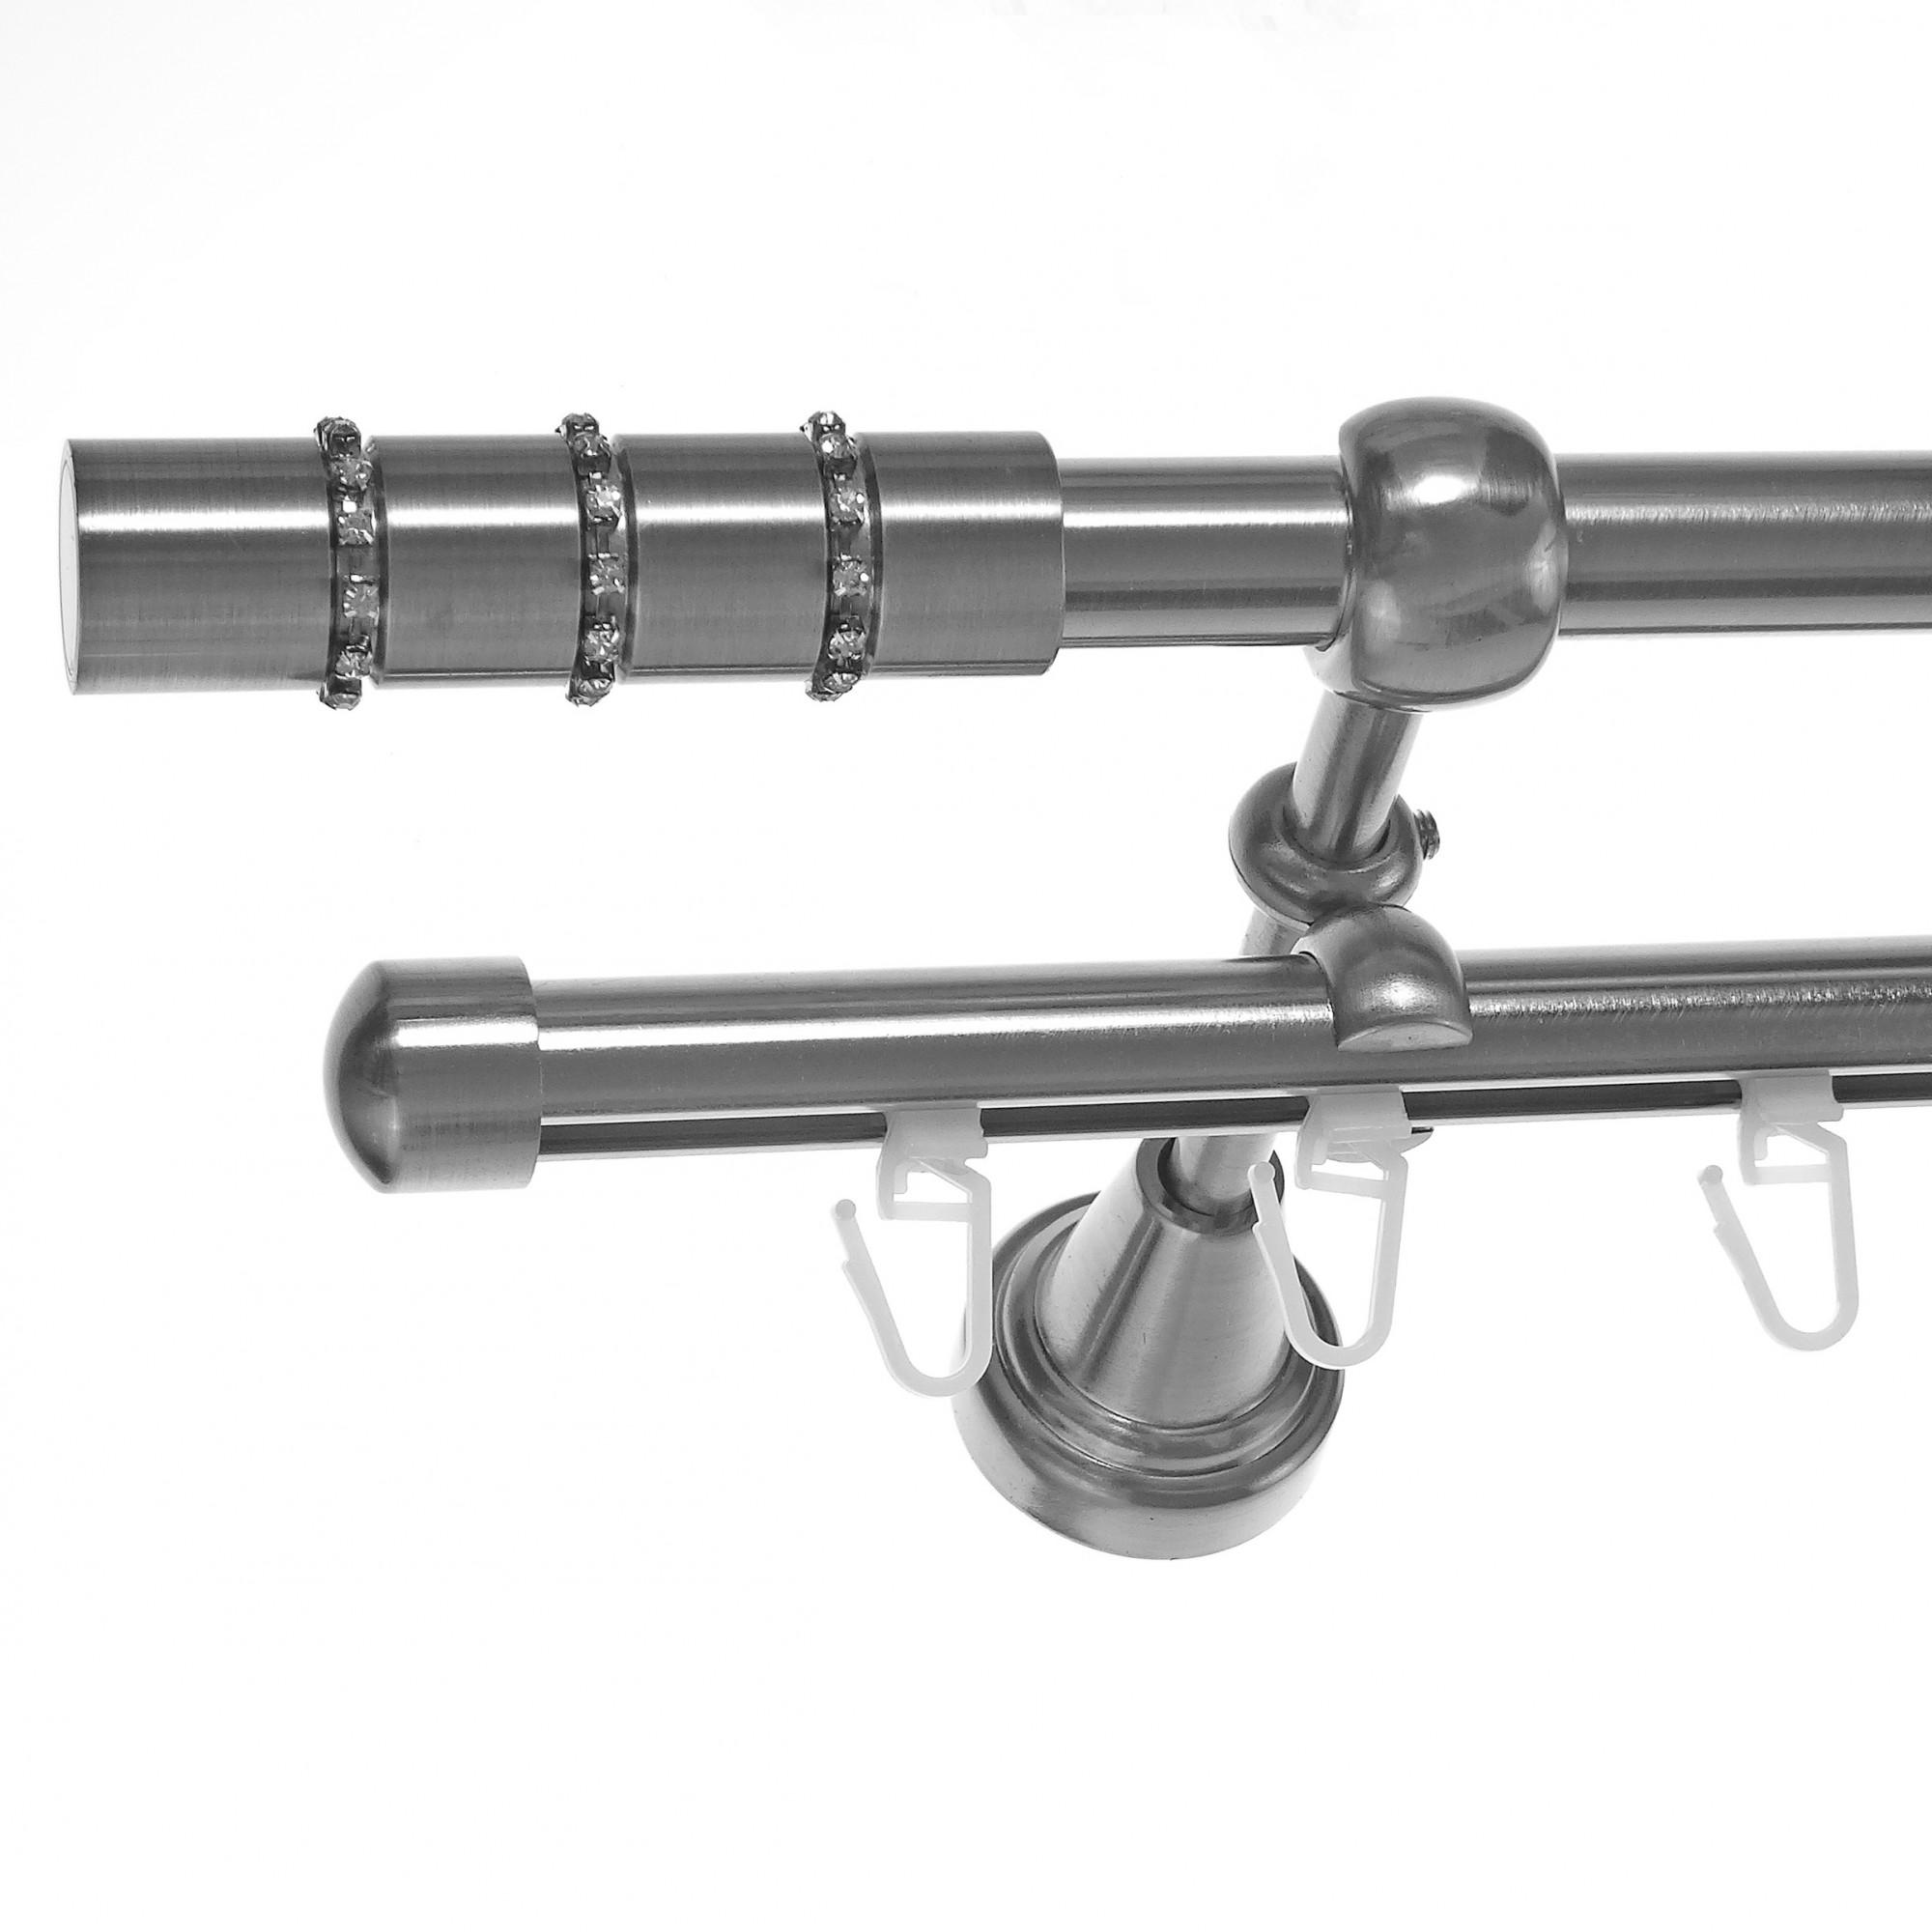 Sehr Rohr + Innenlauf Gardinenstange Edelstahl Look Ø 16mm zur WF93